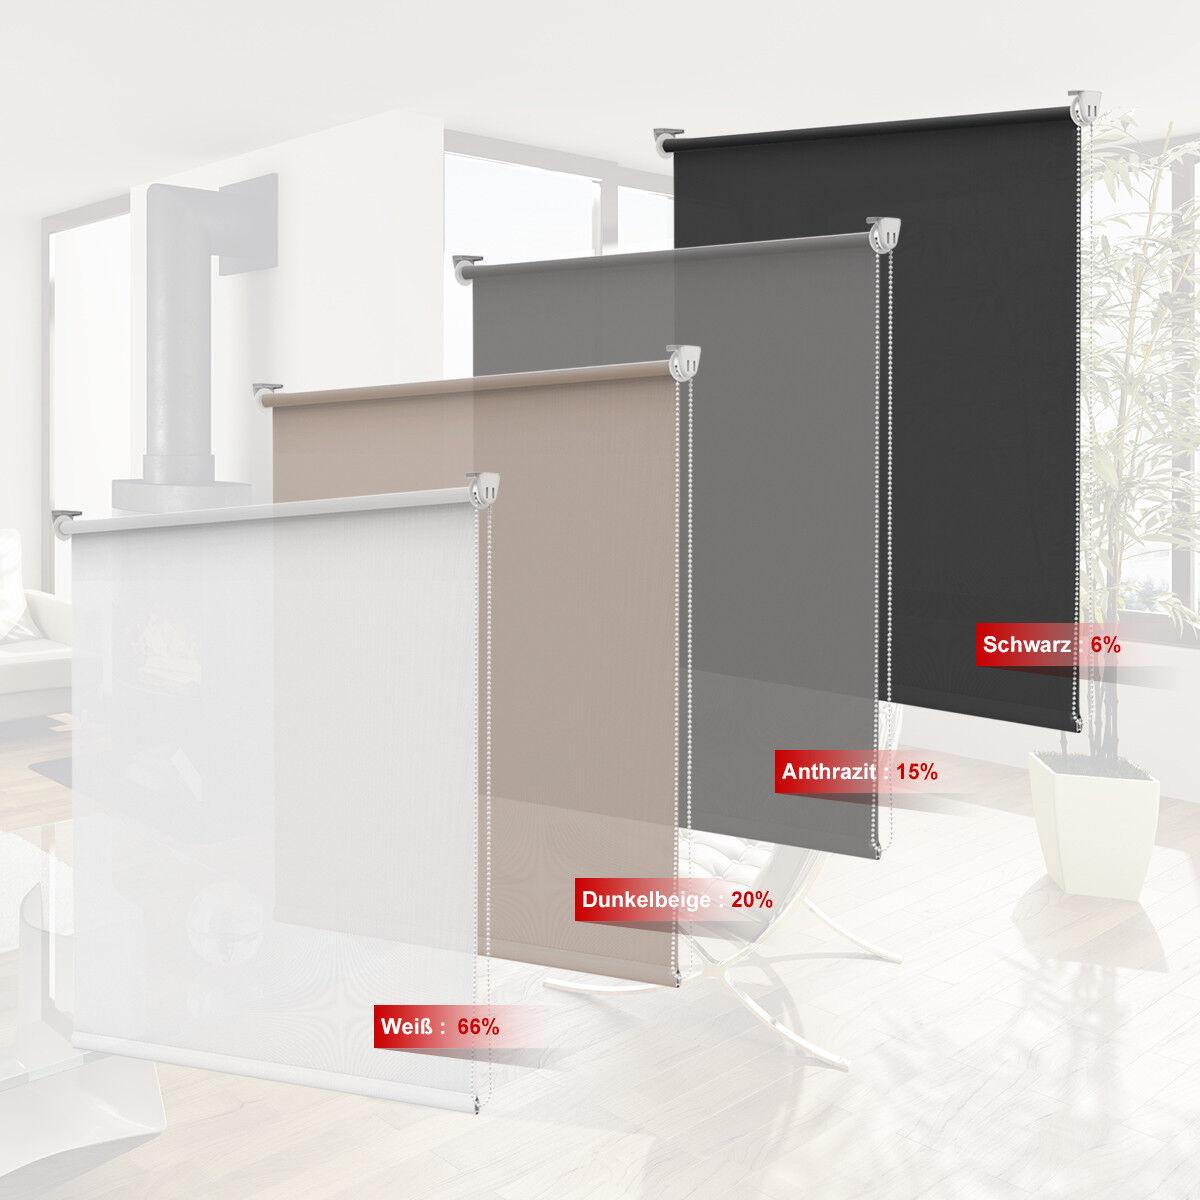 Tageslichtrollo klemmfix Rollo ohne Bohren für Fenster innen Lichtdurchlässig